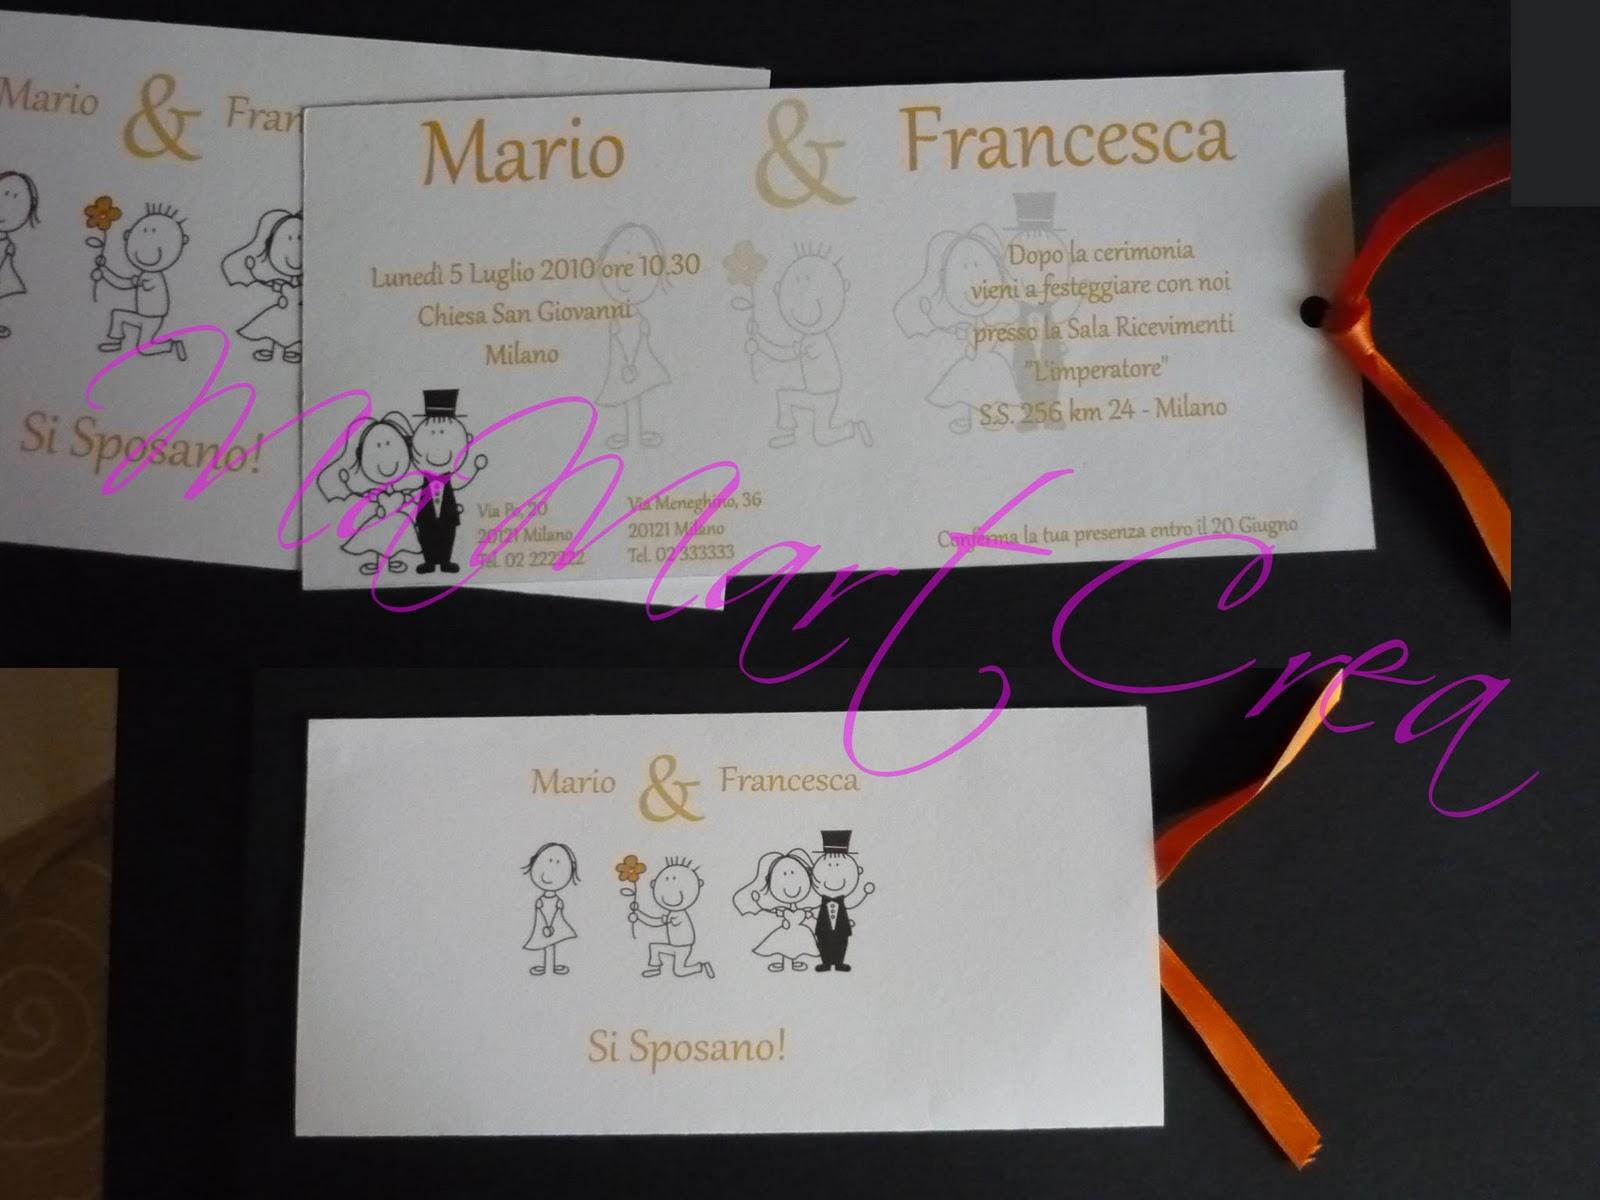 Popolare MaMartCrea: Partecipazione matrimonio: Si Sposano! DU11